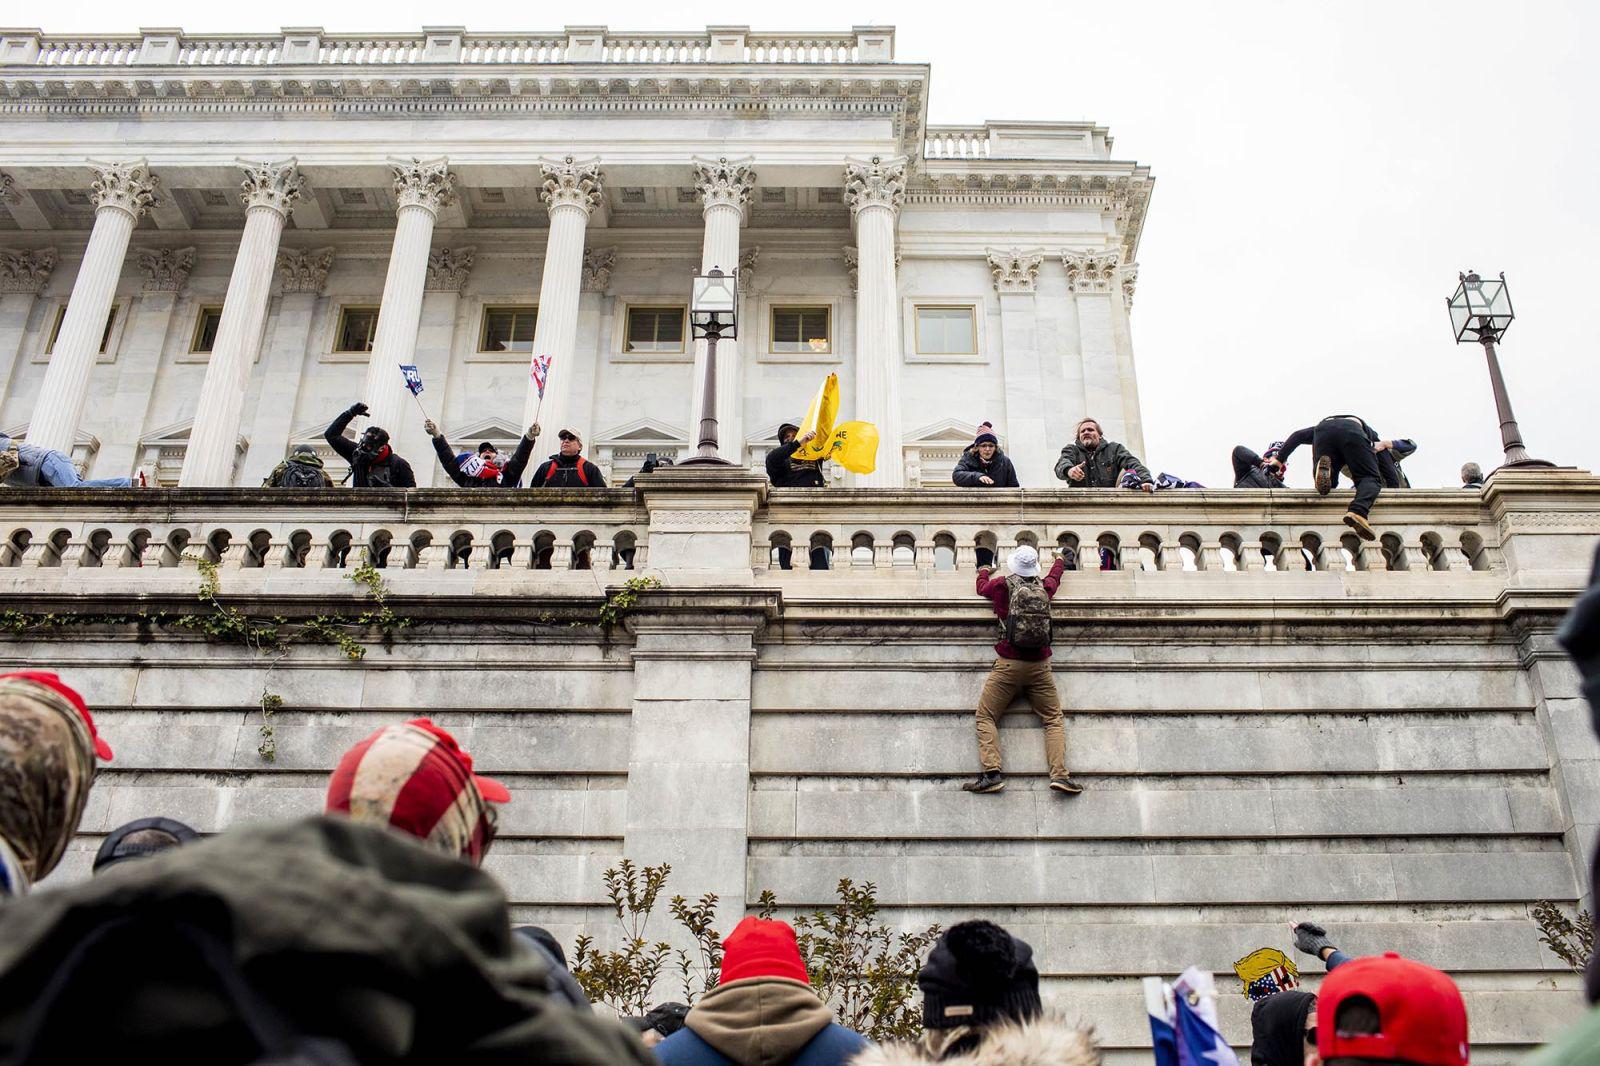 """(Chùm ảnh) Toàn cảnh người biểu tình """"chiếm cứ"""" tòa nhà Quốc hội trong một ngày hoảng loạn cho nước Mỹ - Ảnh 4."""